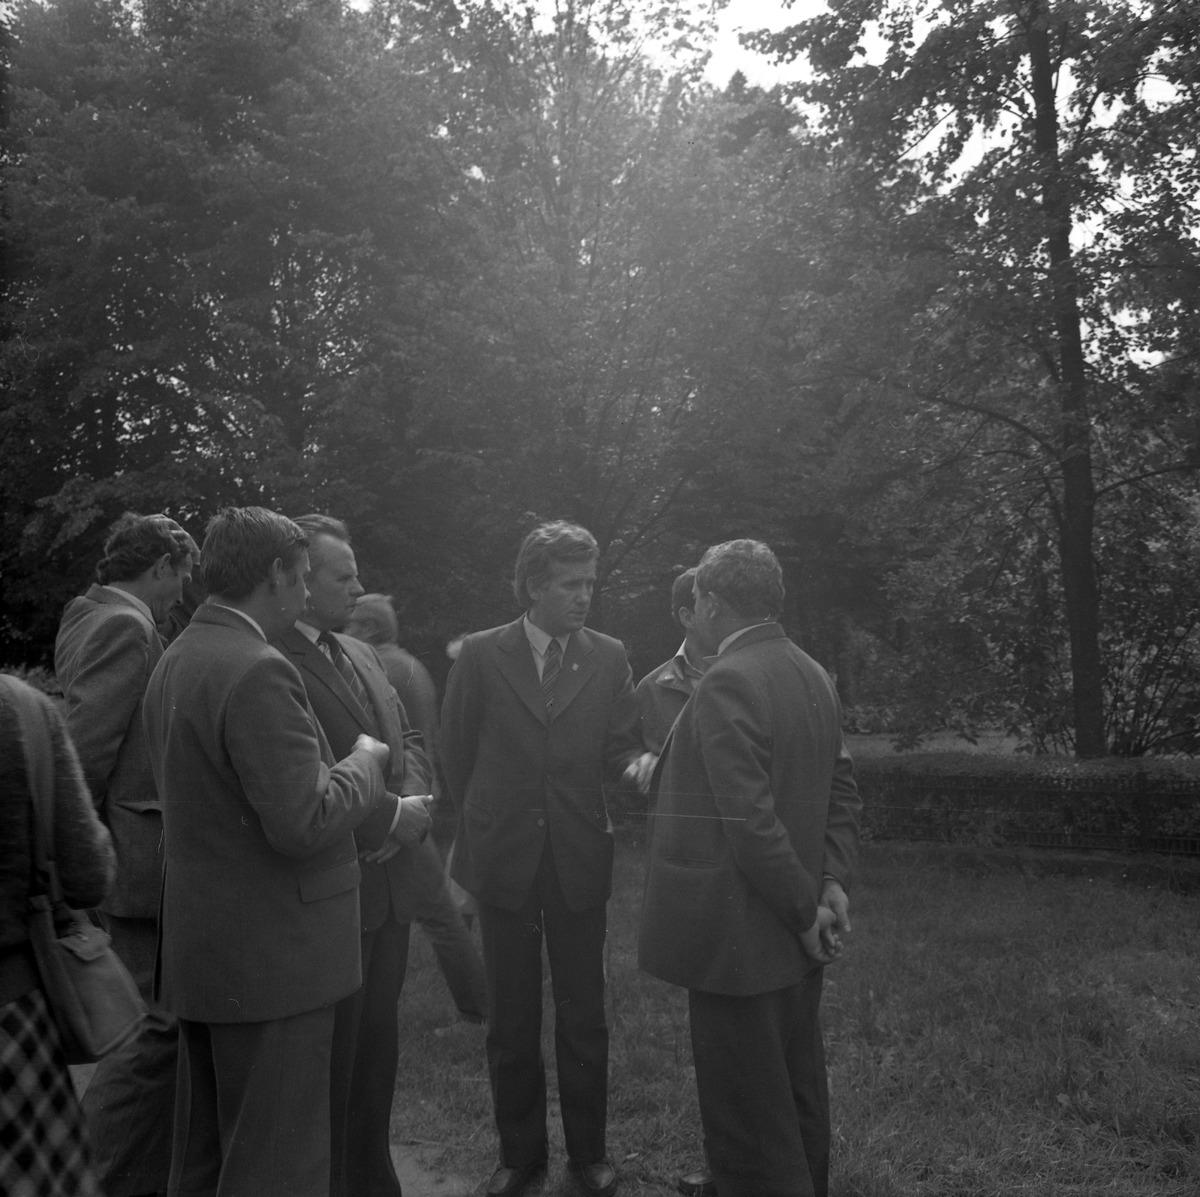 Delegacja ZSRR na cmentarzu żołnierzy radzieckich [1]